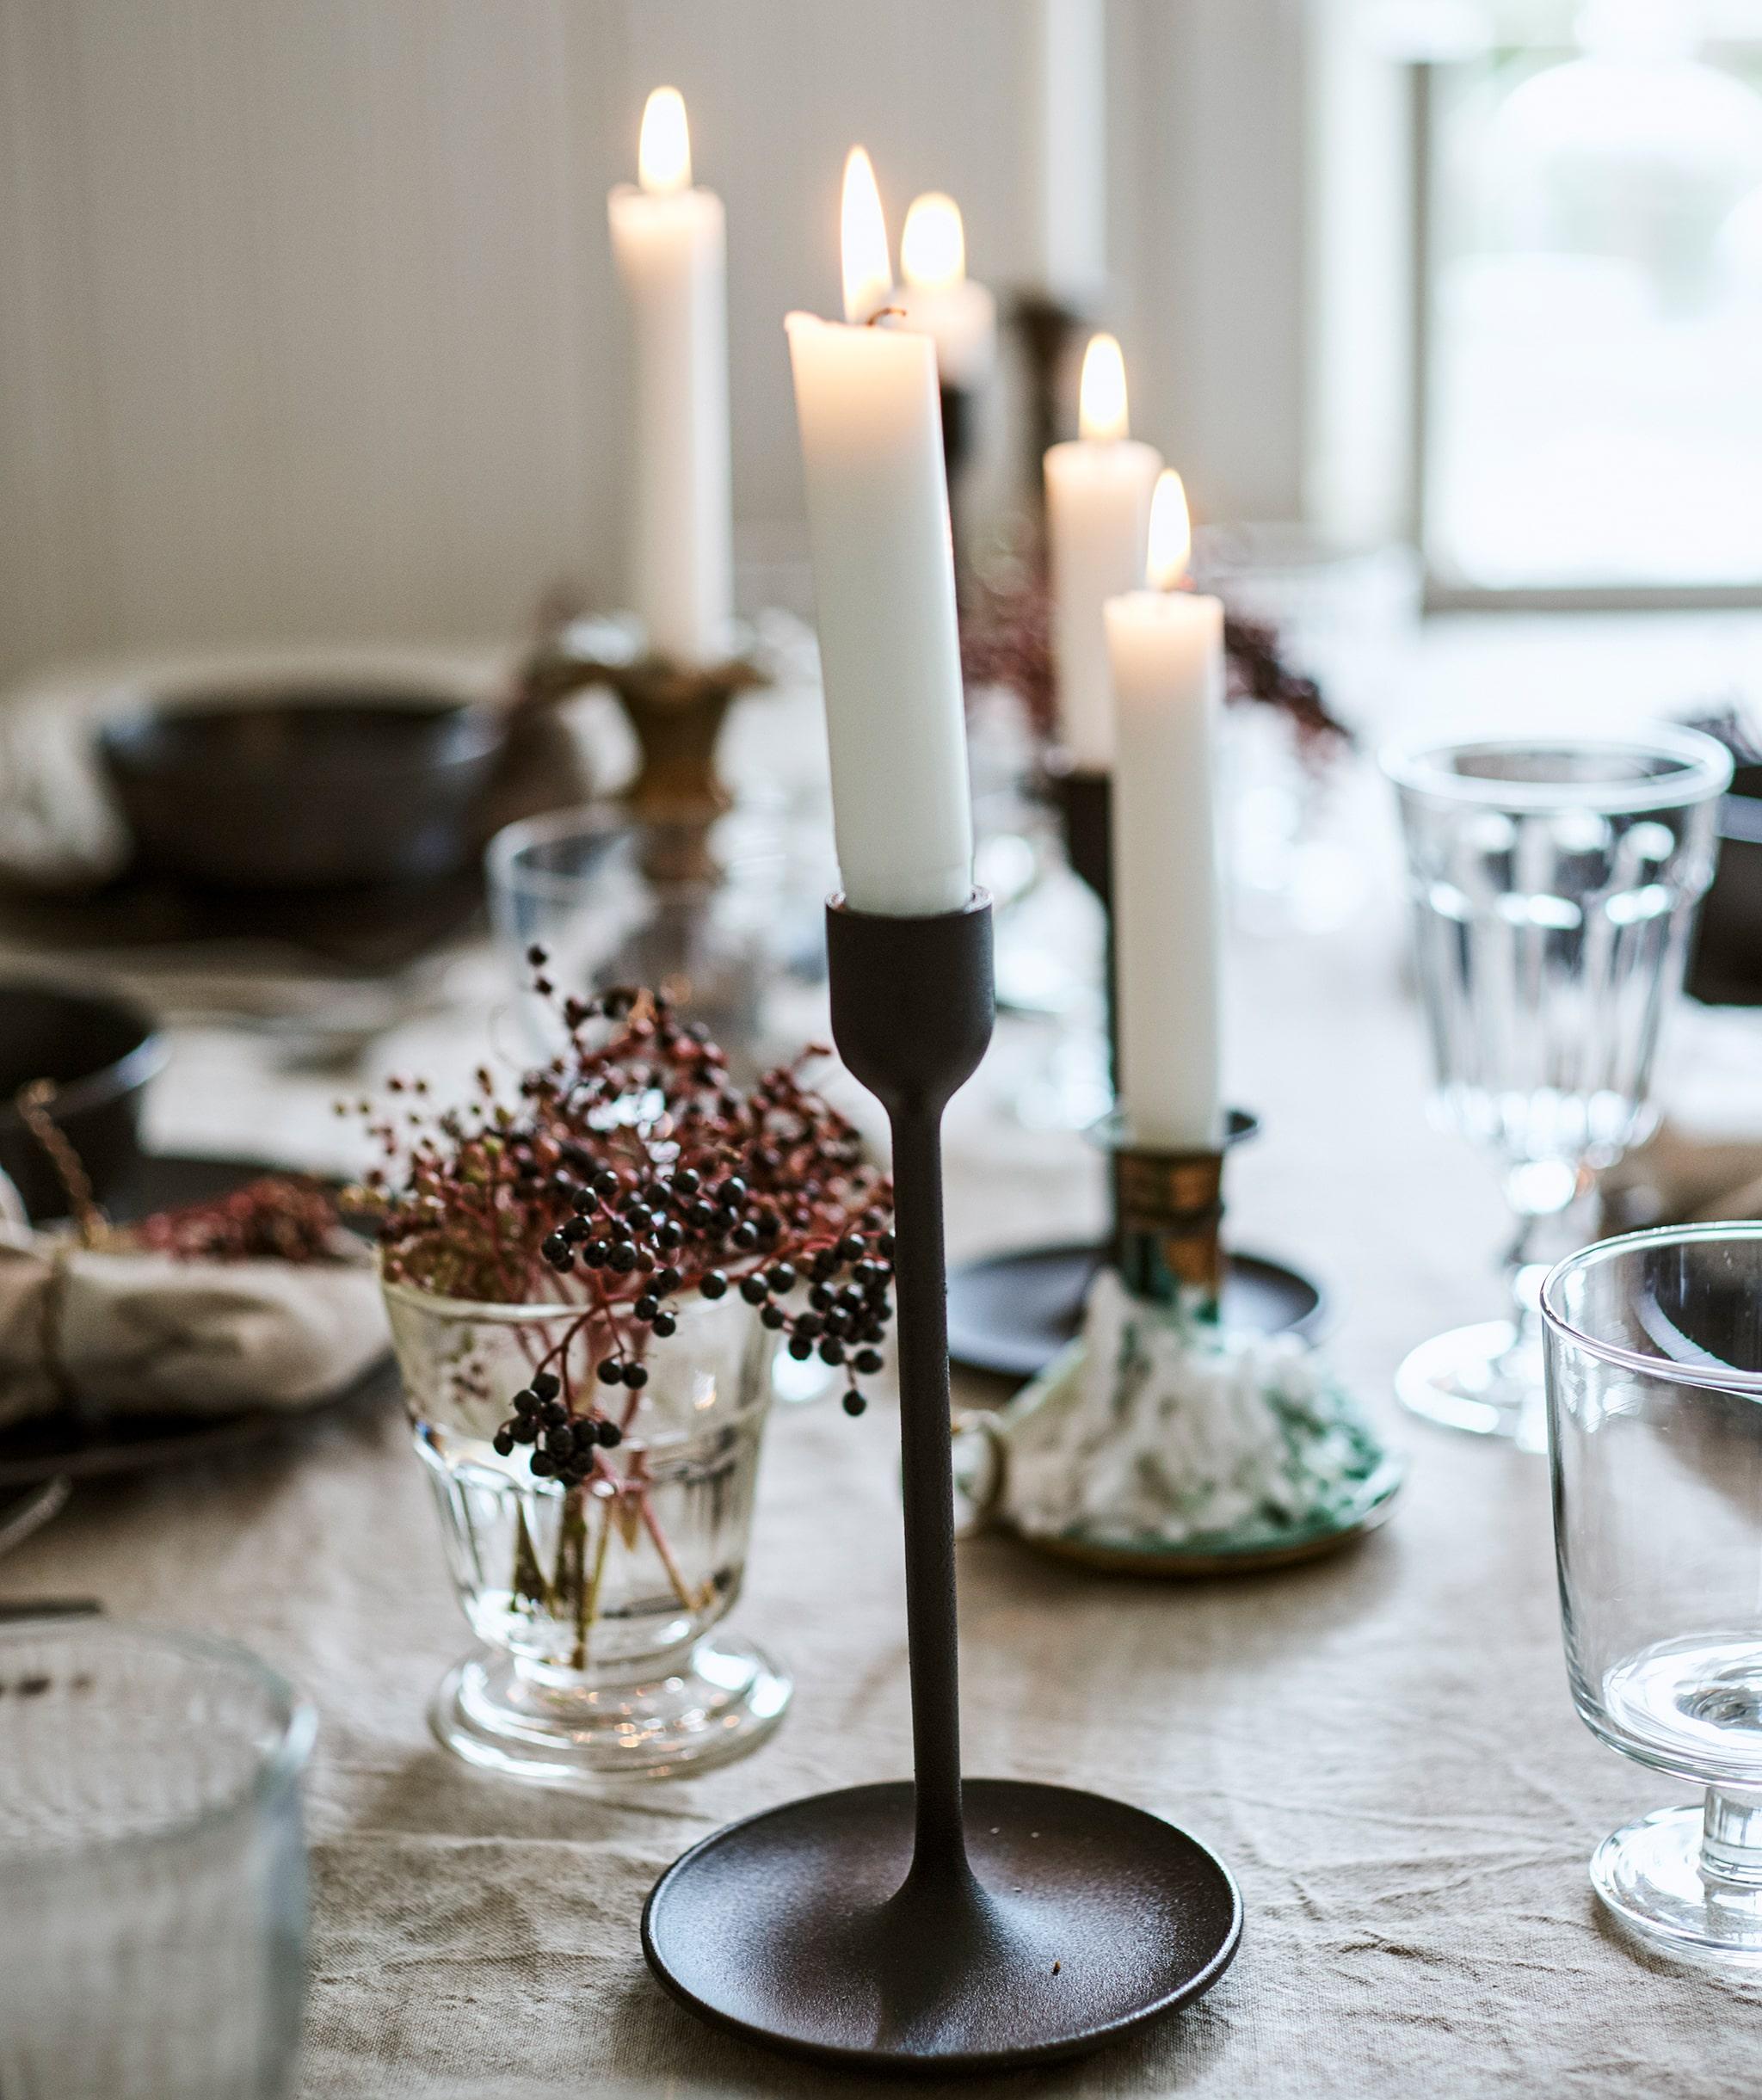 Menyalakan lilin dalam gabungan tempat lilin berwarna hitam dan kuningan dengan penataan meja lengkap dengan taplak meja linen, gelas-gelas dan buah berry dalam vas.